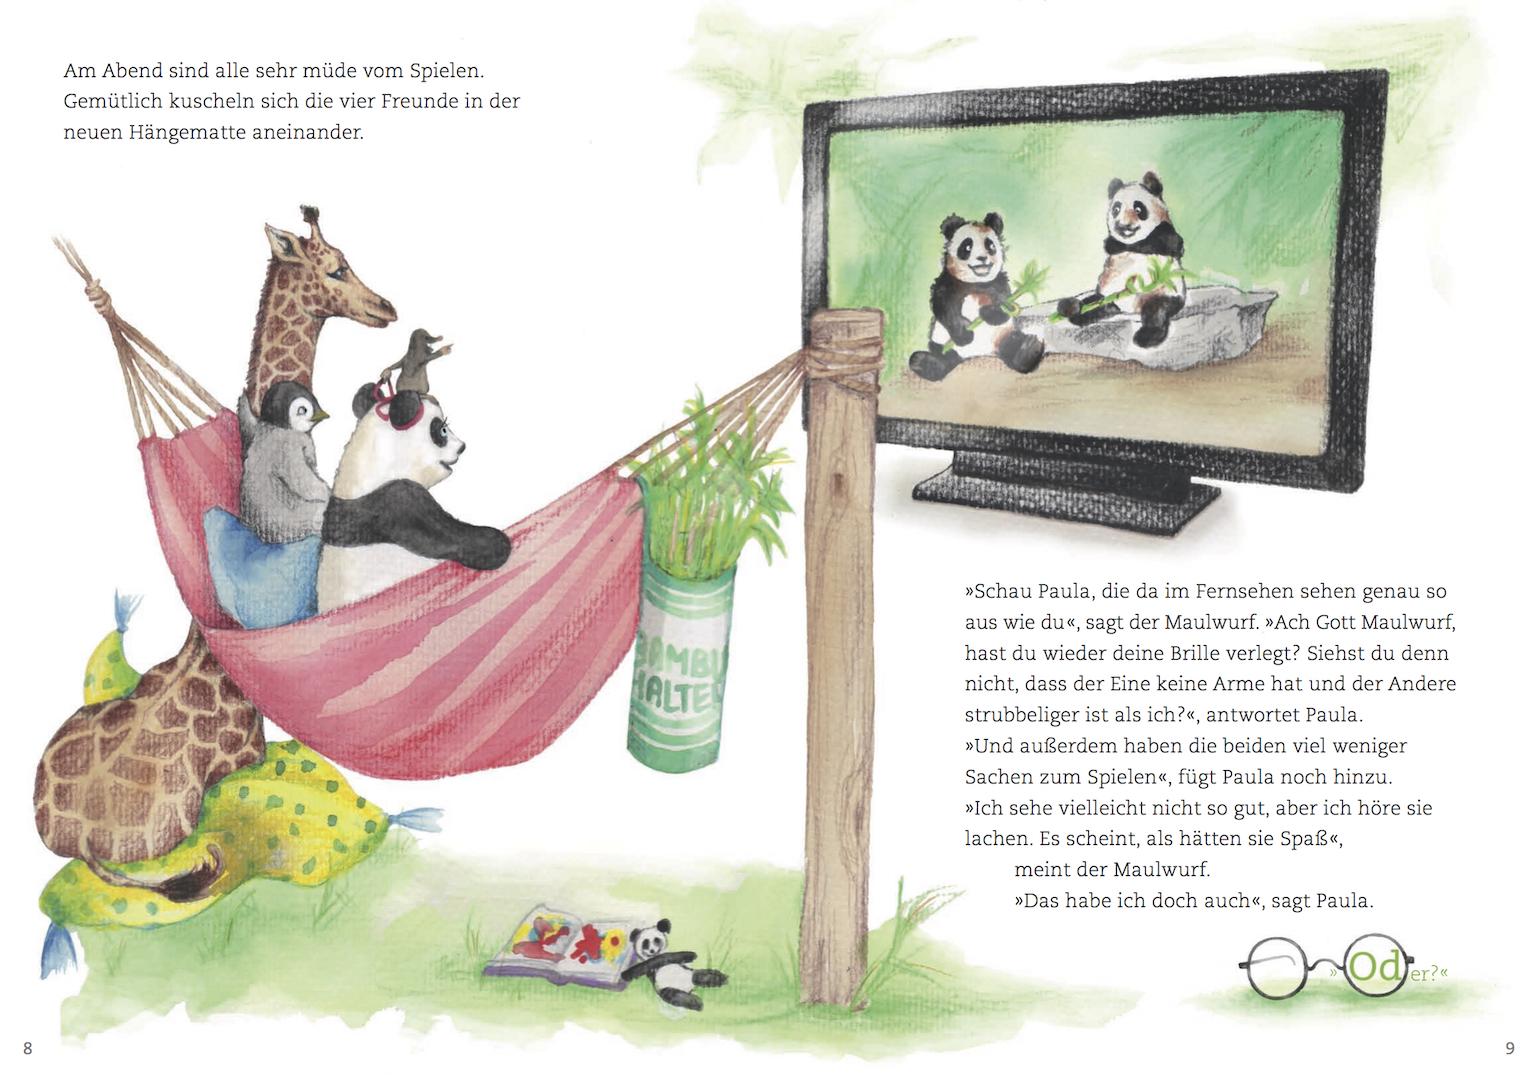 Paula Panda - Der Bambus-Zauberstab - Seite 8 & 9 - ©PaulaPanda.org